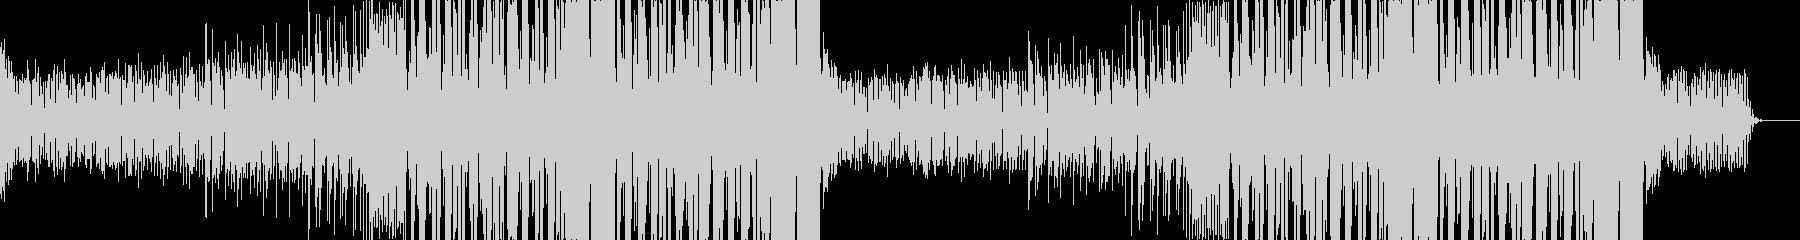 ポップなEDMの未再生の波形